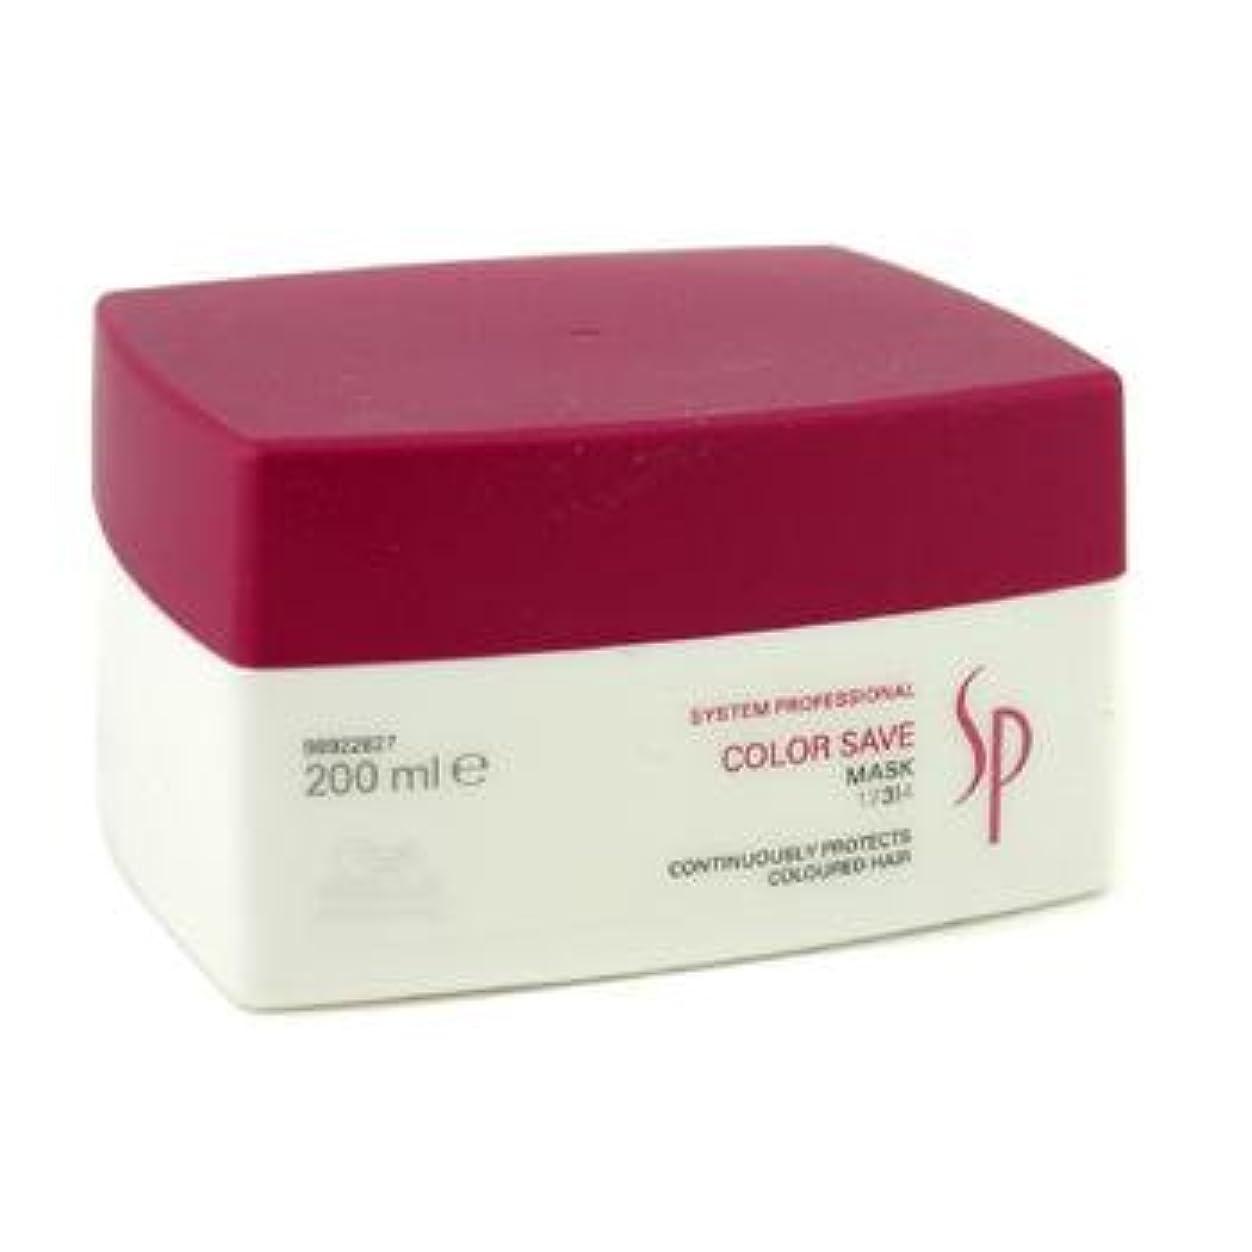 ルーム日没熟考する[Wella] SP Color Save Mask ( For Coloured Hair ) 200ml/6.67oz[並行輸入品] [並行輸入品]